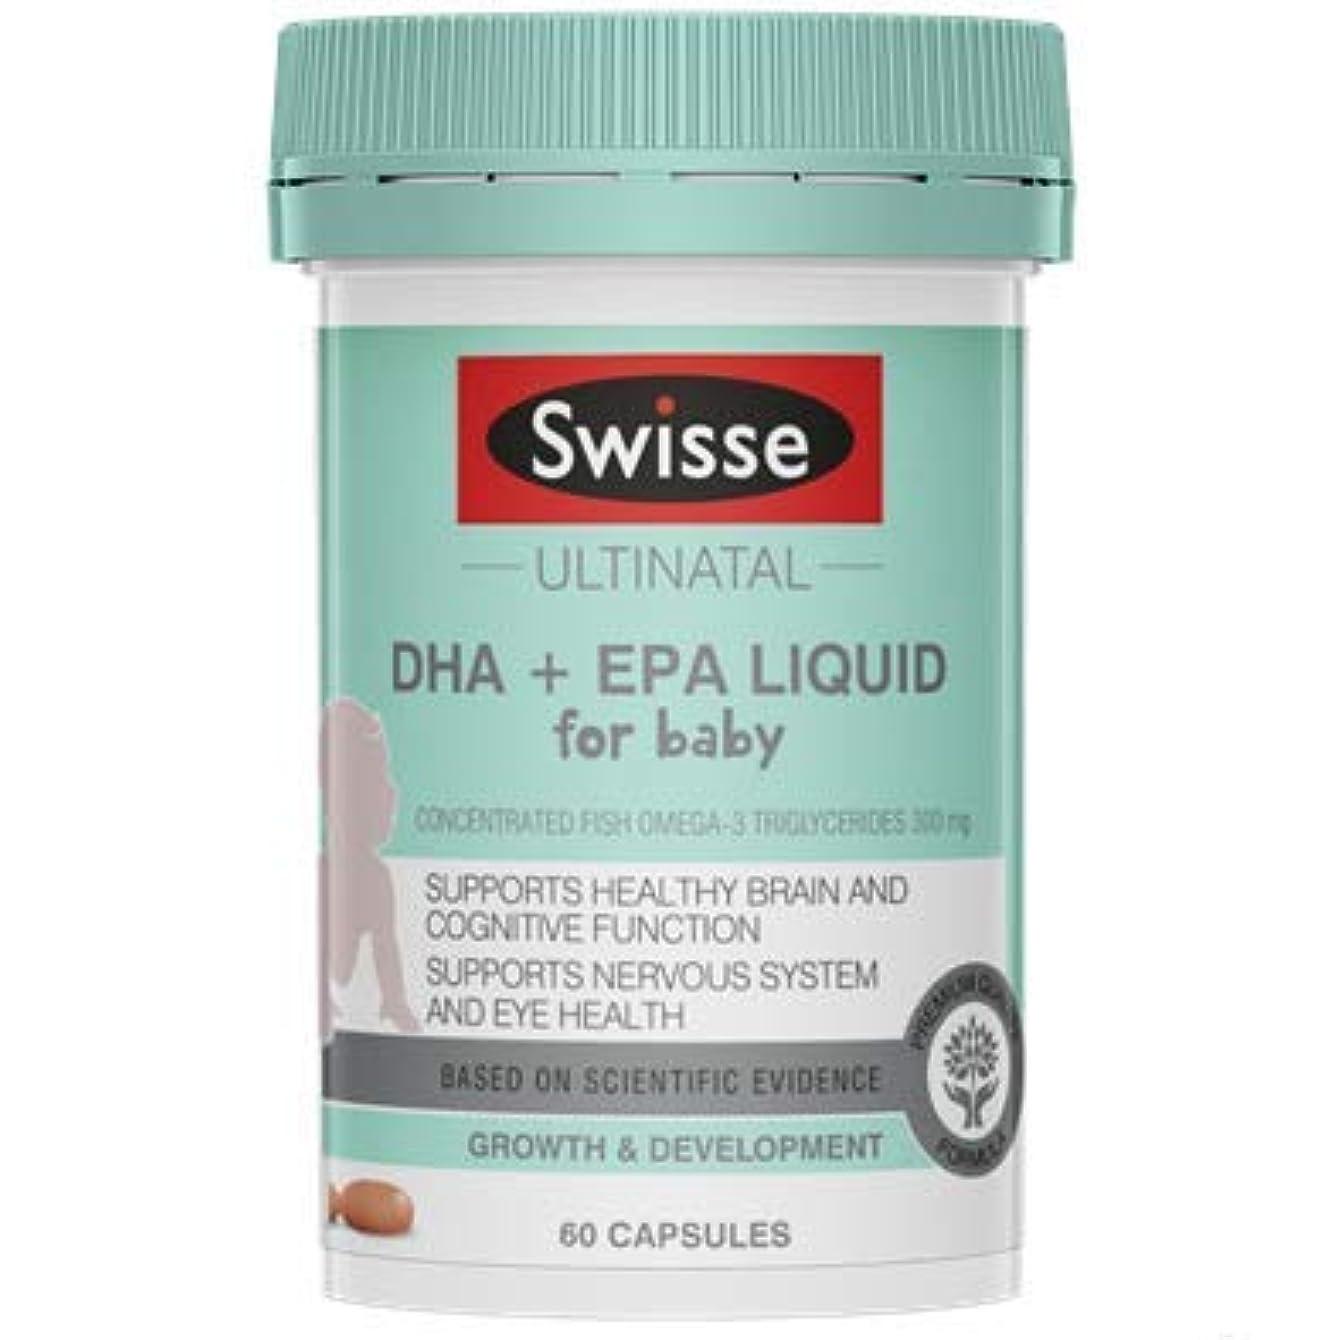 人気の代表編集者Swisse Ultinatal DHA + EPA 液体 赤ちゃん用 60カプセル [豪州直送品] [並行輸入品]